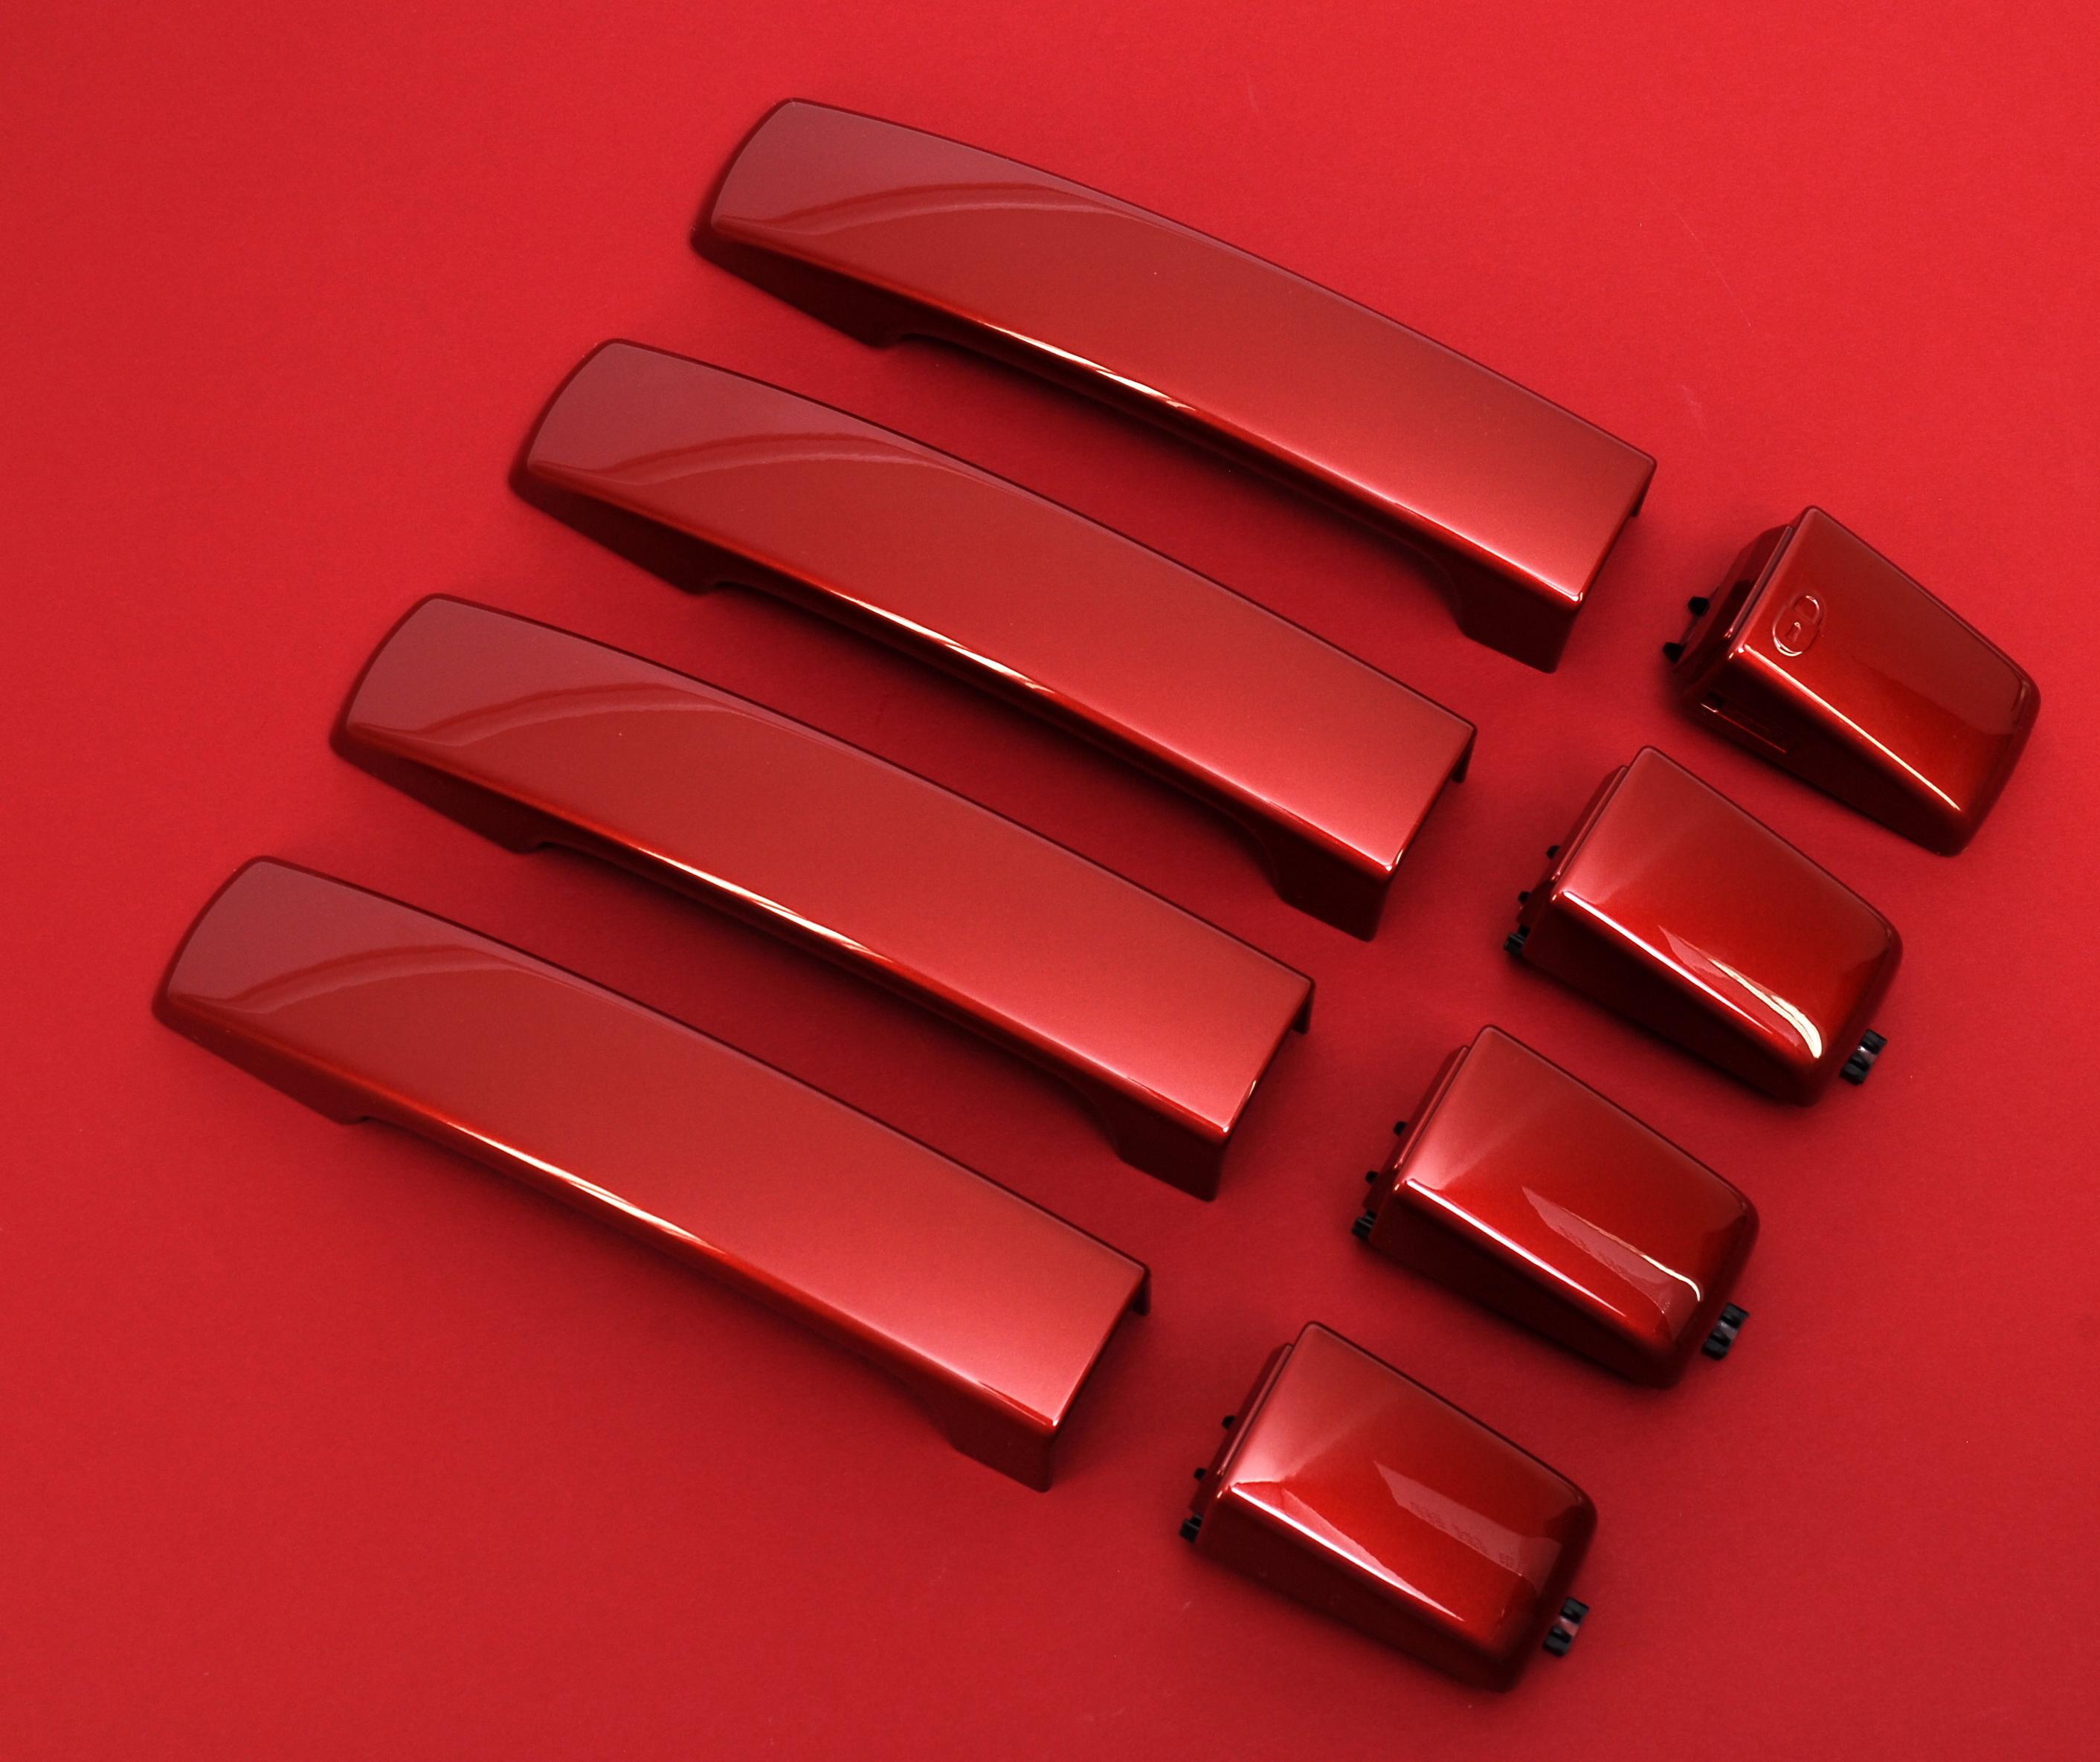 genuine rimini red land rover freelander 2 door handles. Black Bedroom Furniture Sets. Home Design Ideas